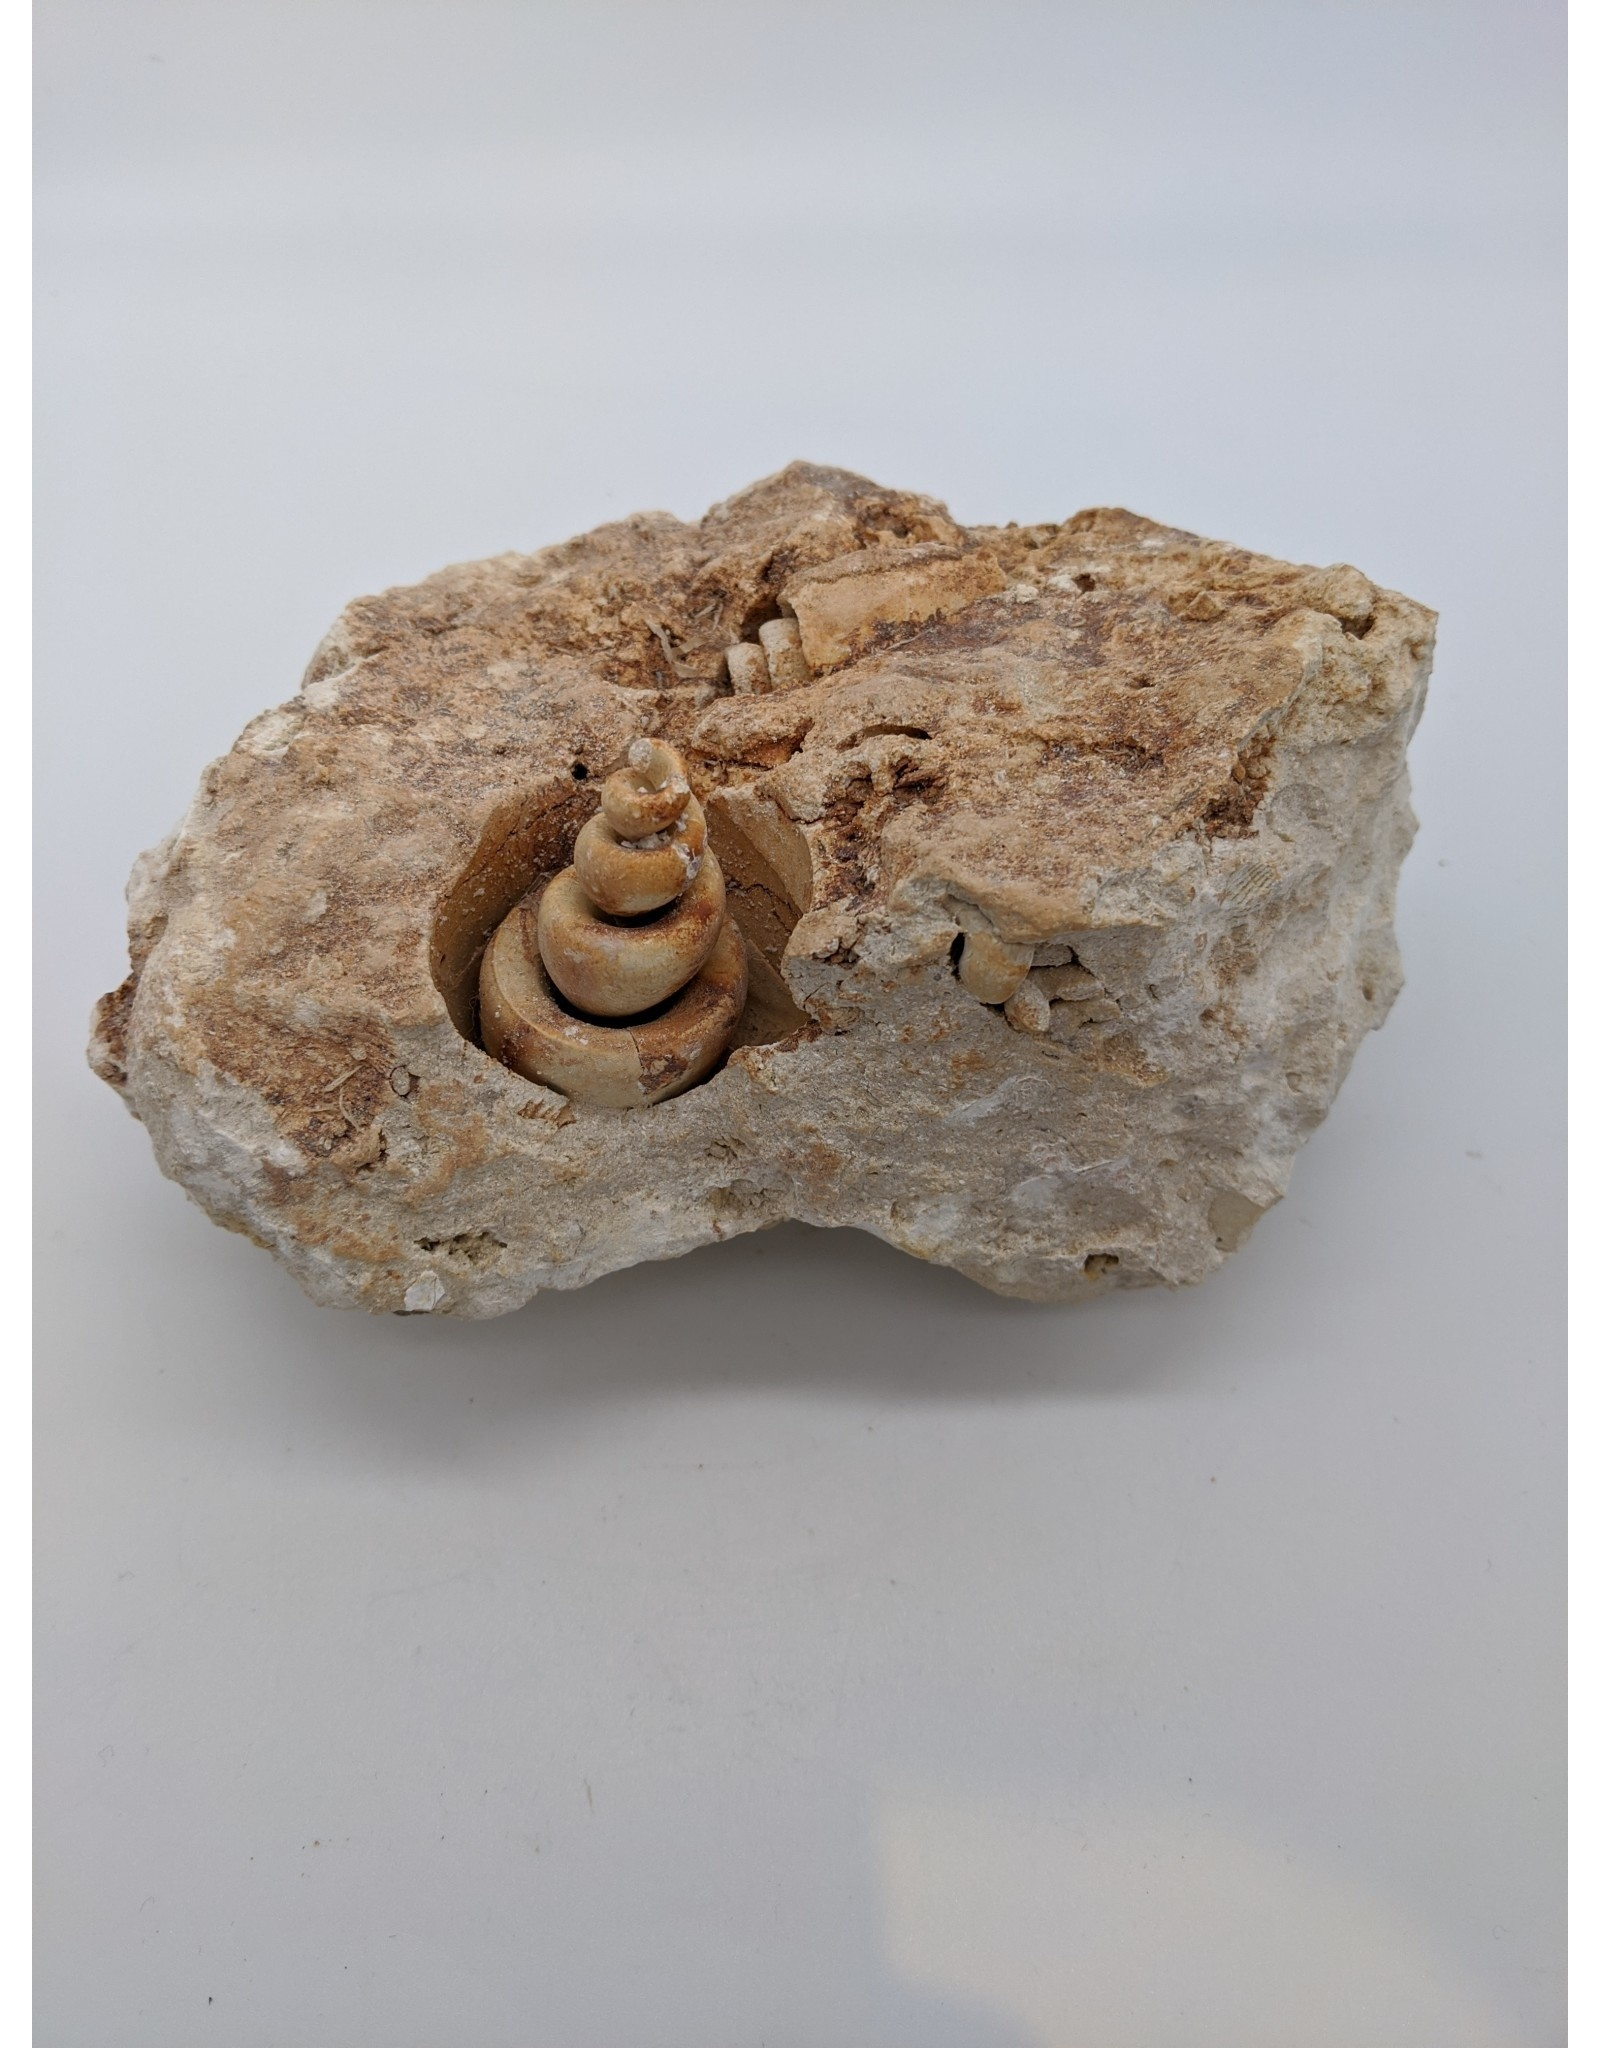 Fossil Sea Snail (Verona, Italy)